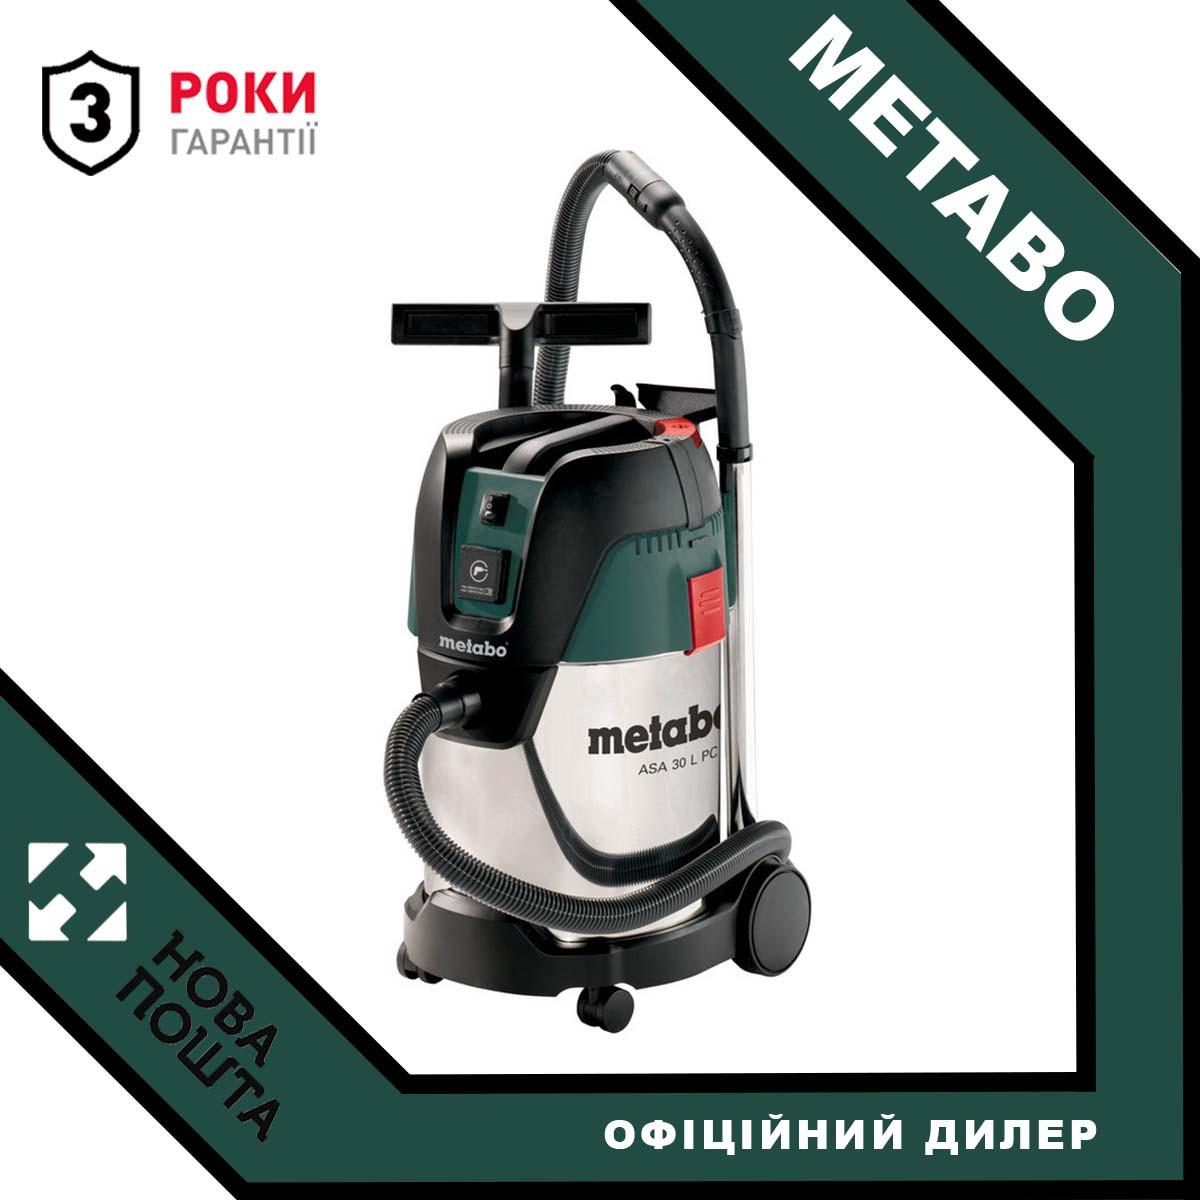 Строительный пылесос Metabo ASA 30 L PC Inox (602015000)